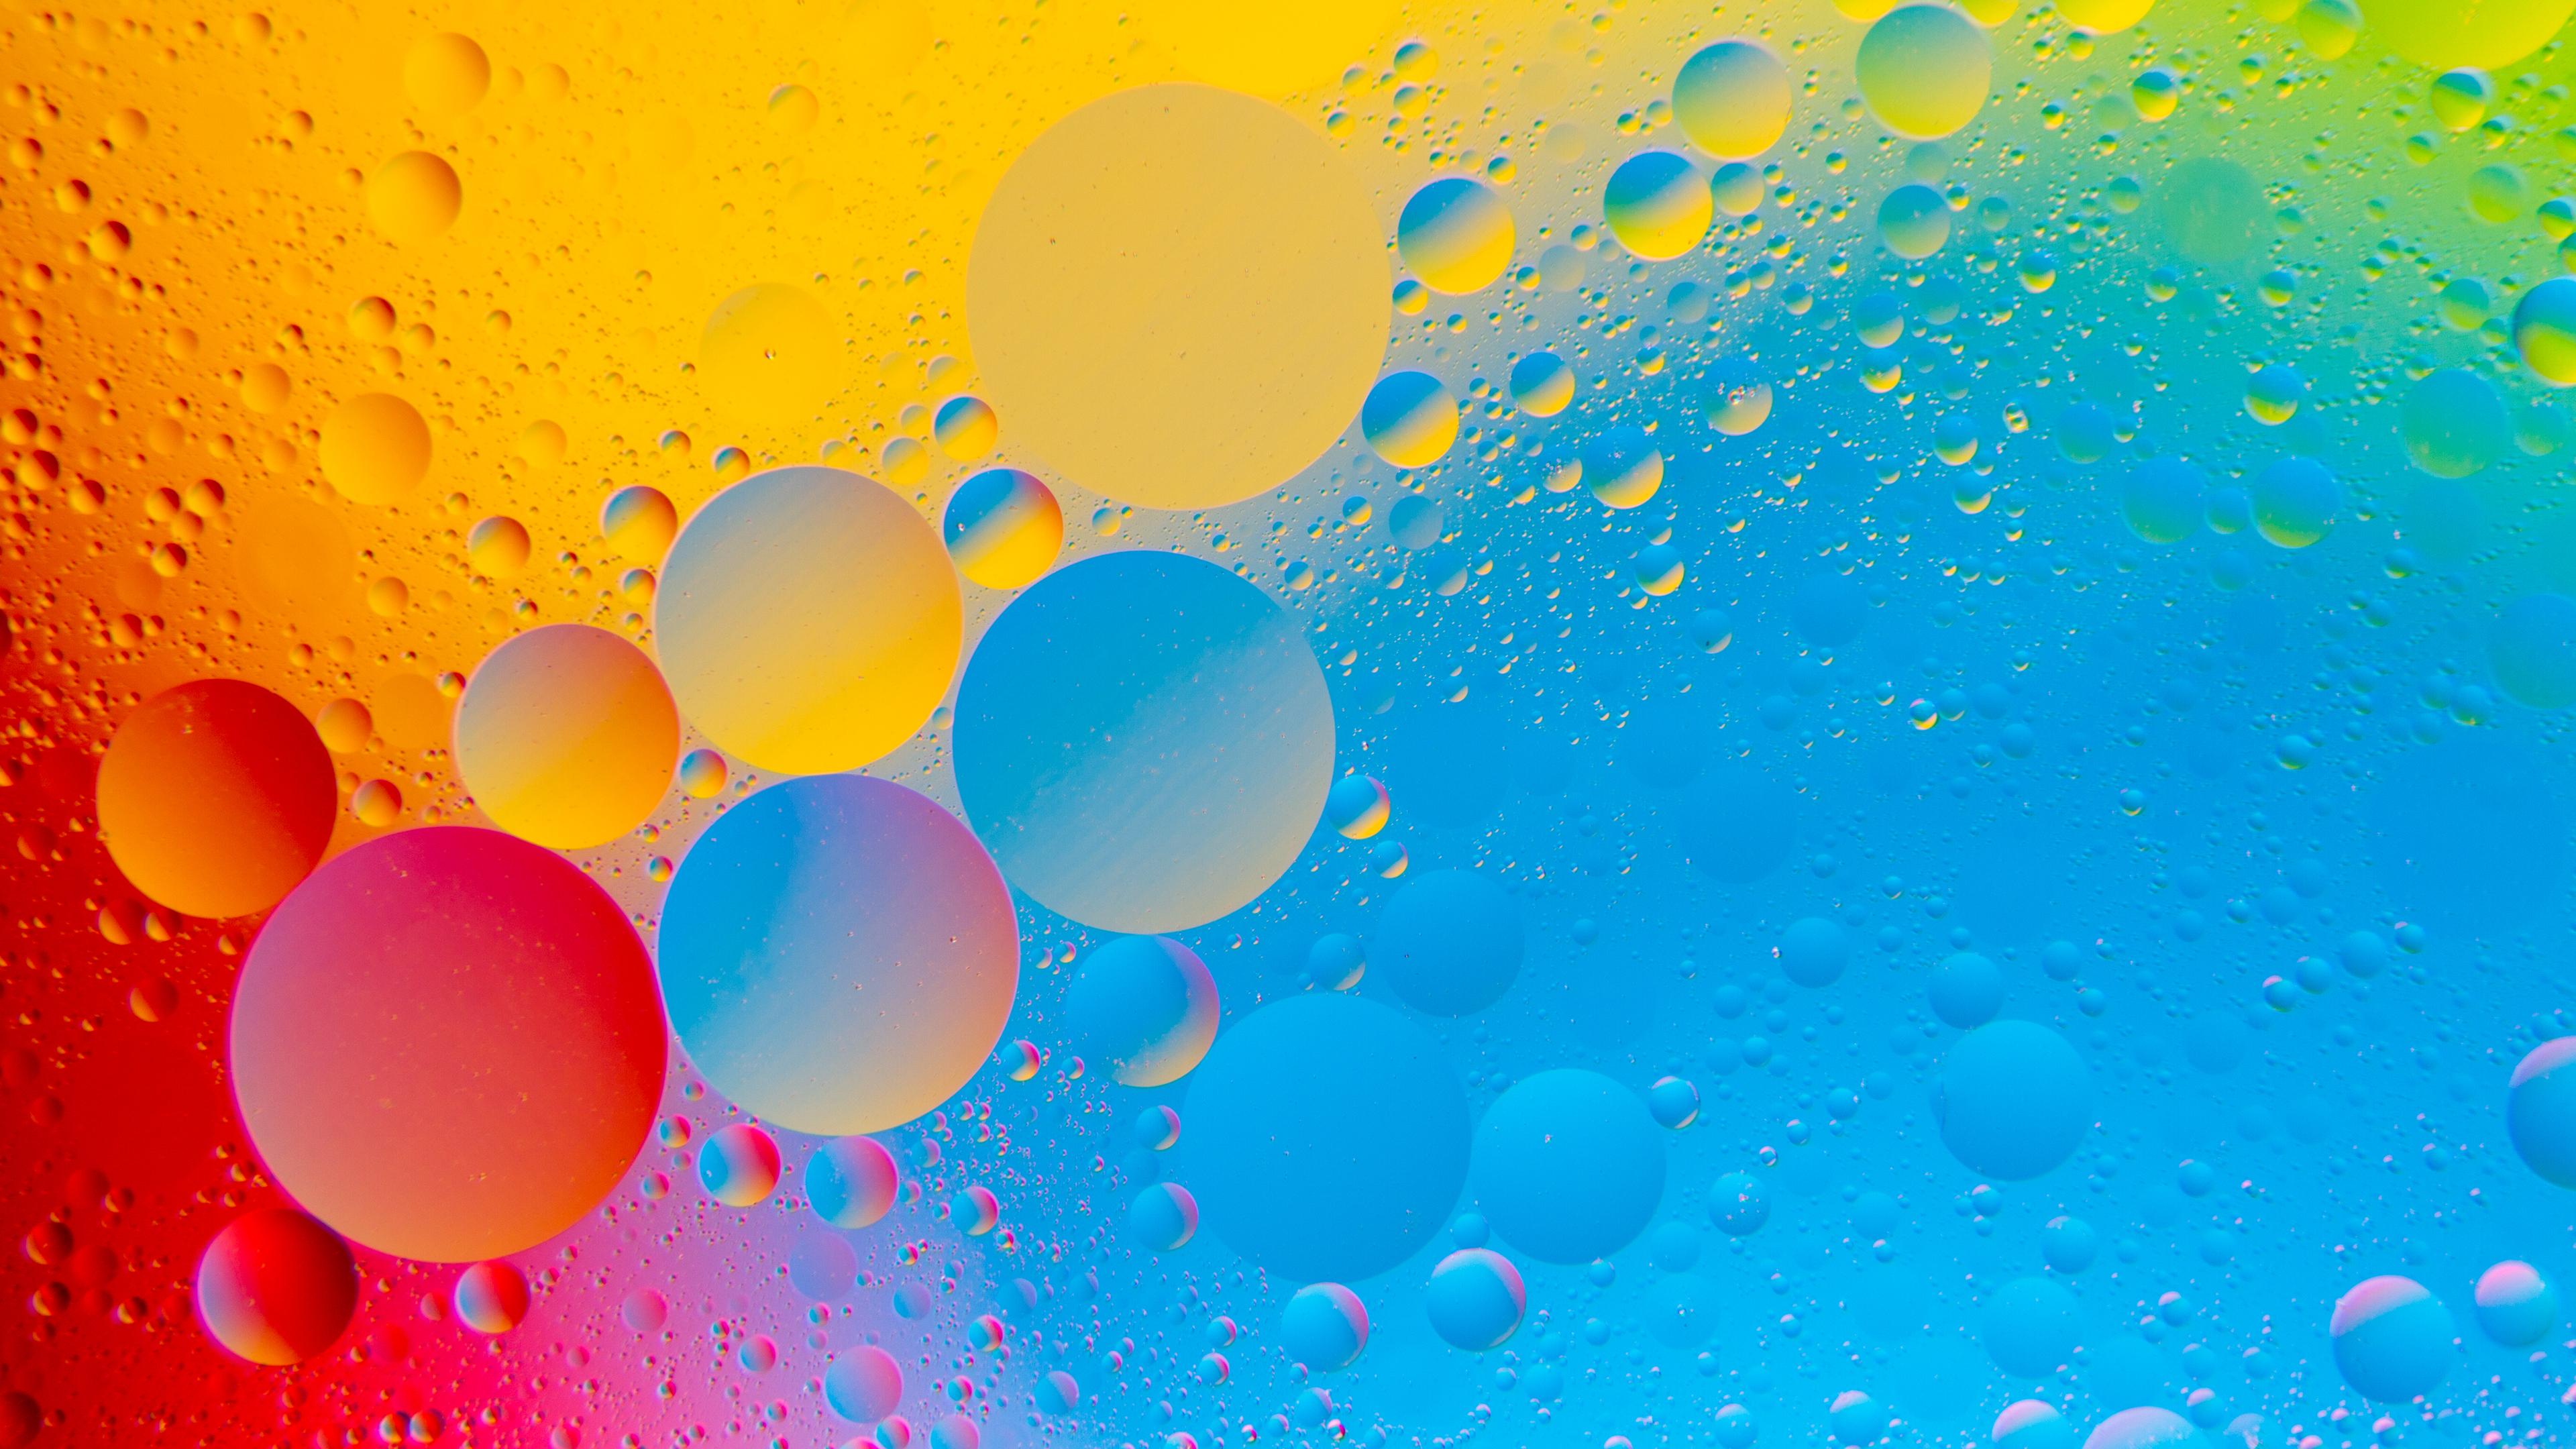 Фоновый рисунок с яркой палитрой цветов шаров и мелких пузырьков